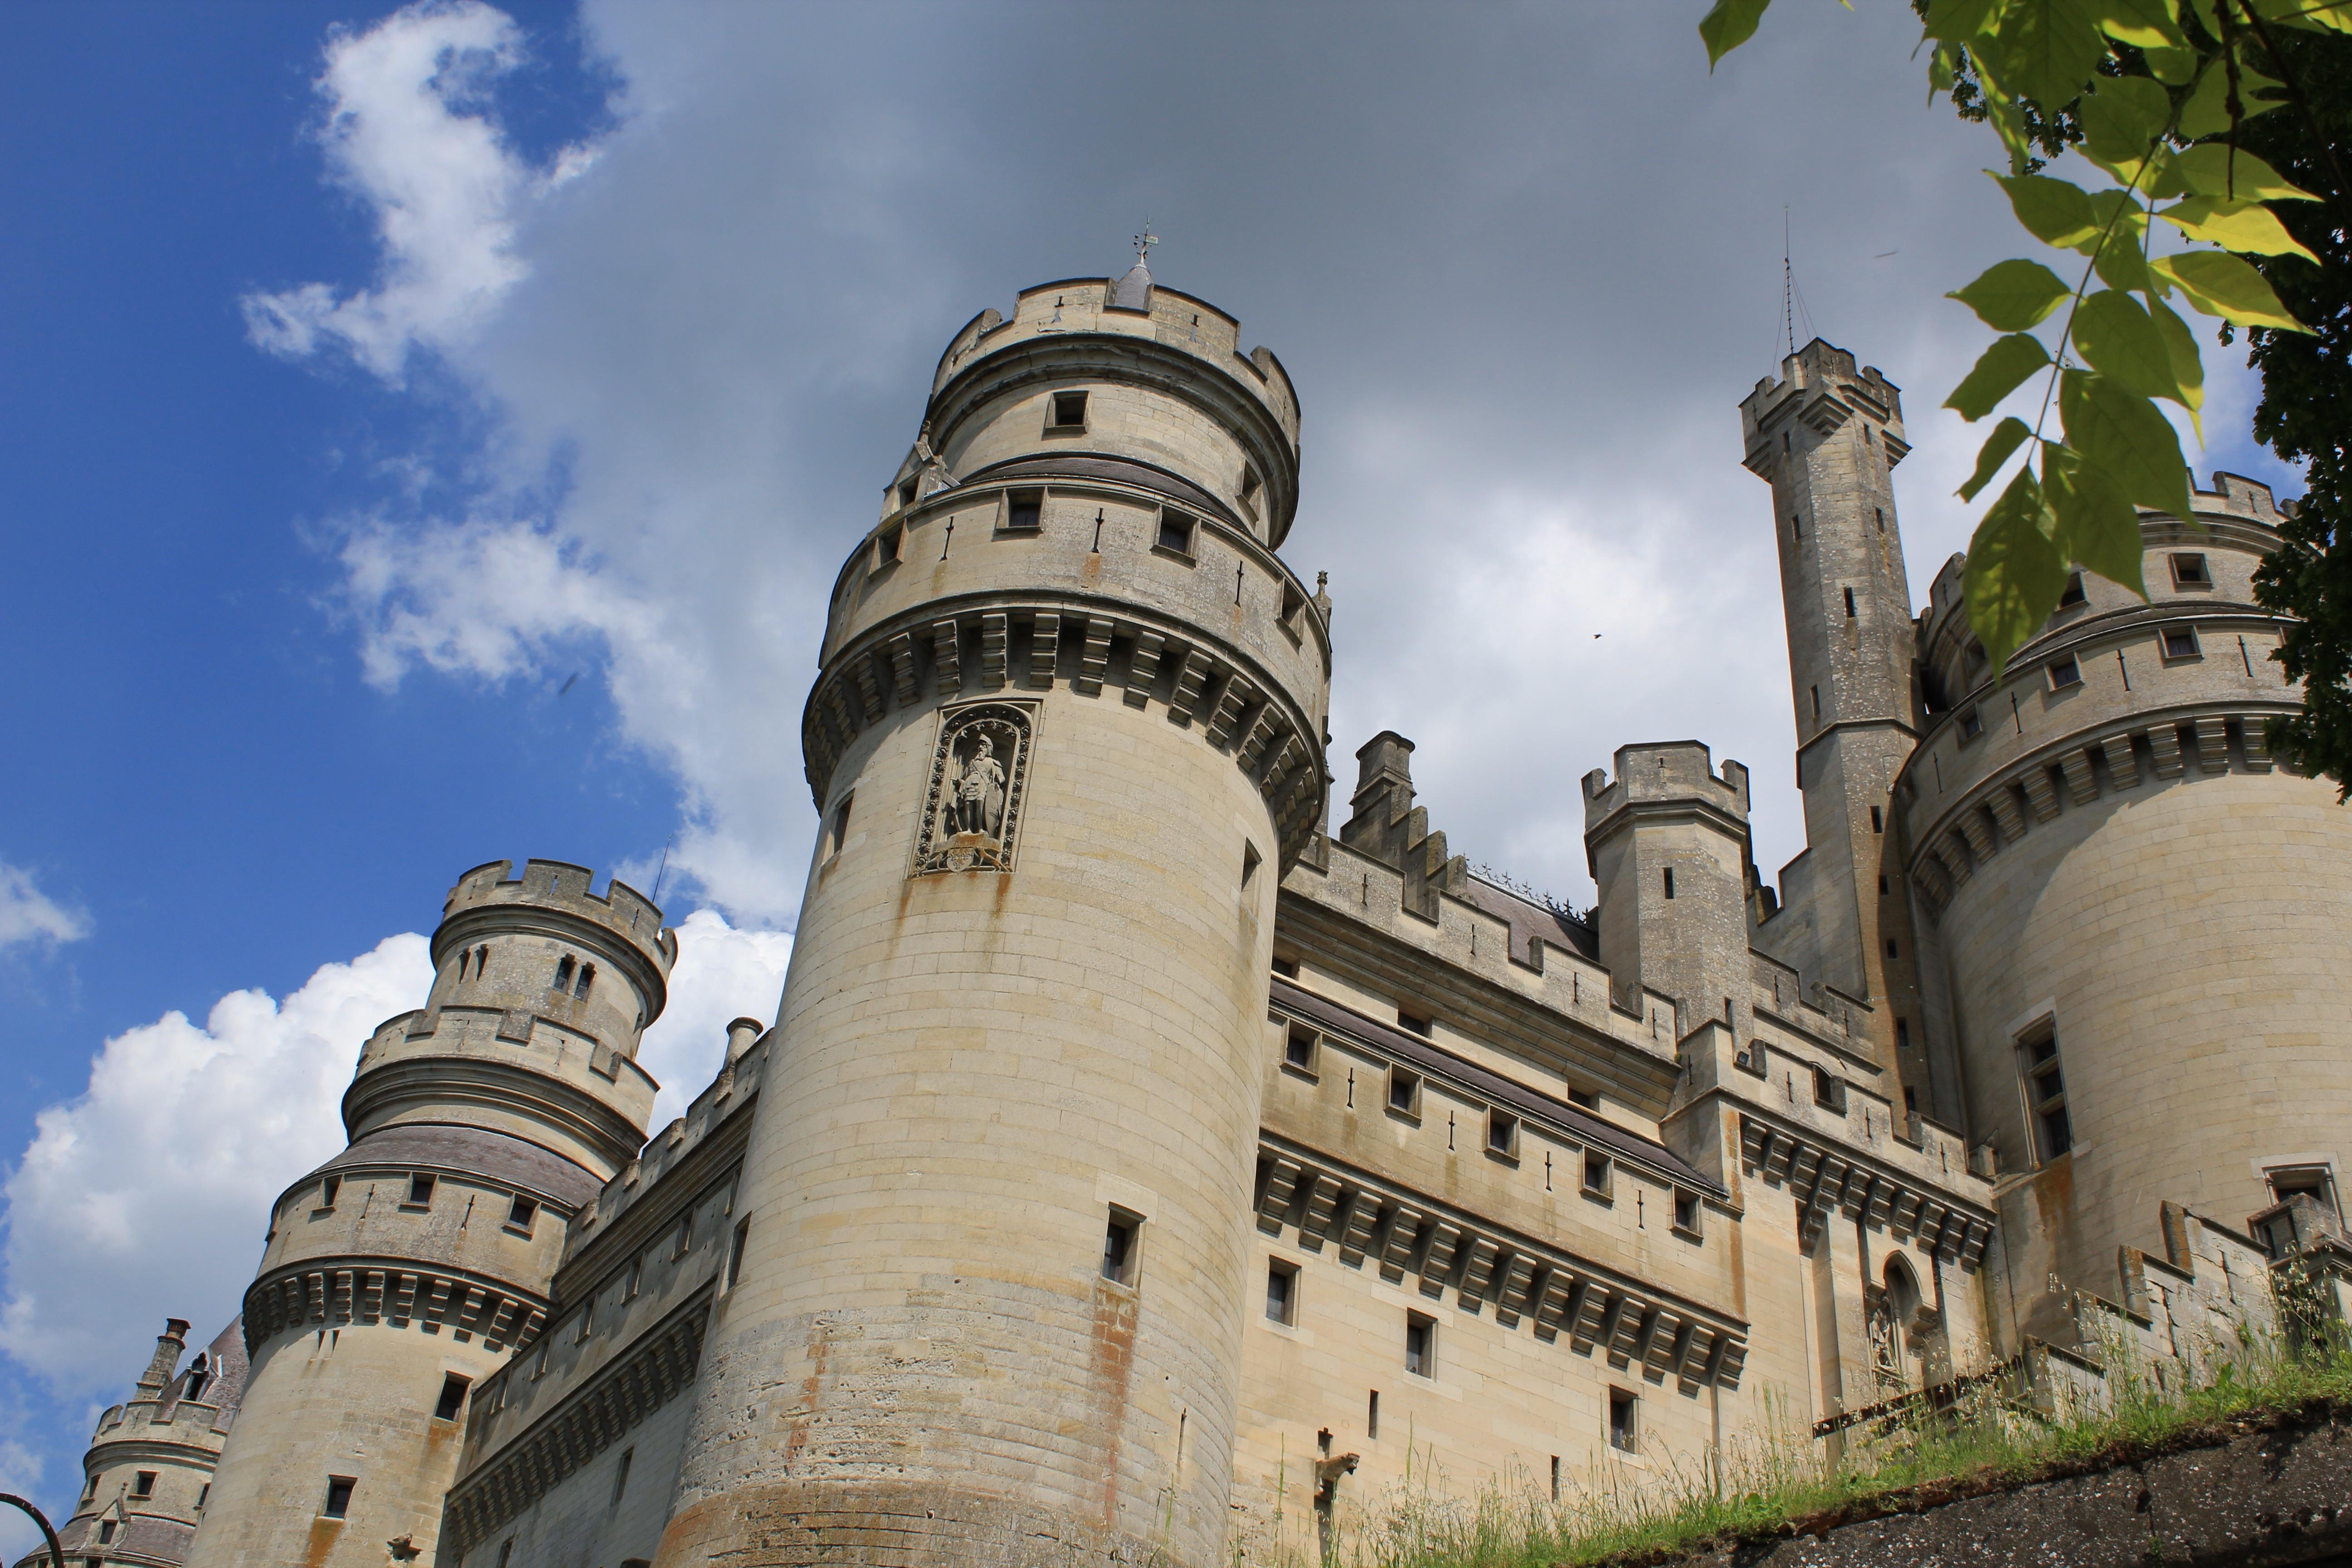 Красивые башни замков картинки